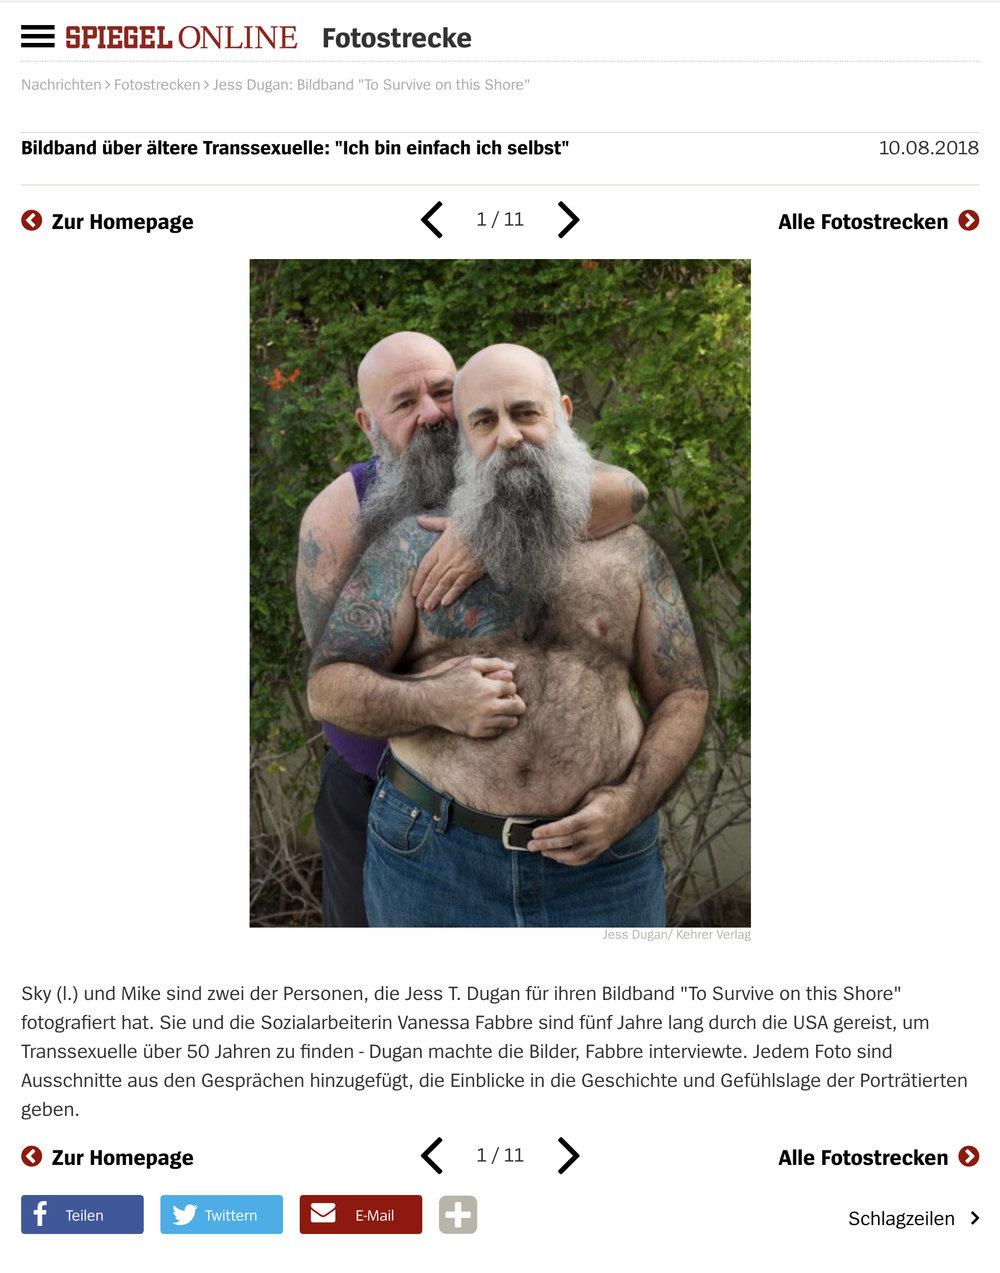 Spiegelonline_TSOTS_2018.jpg